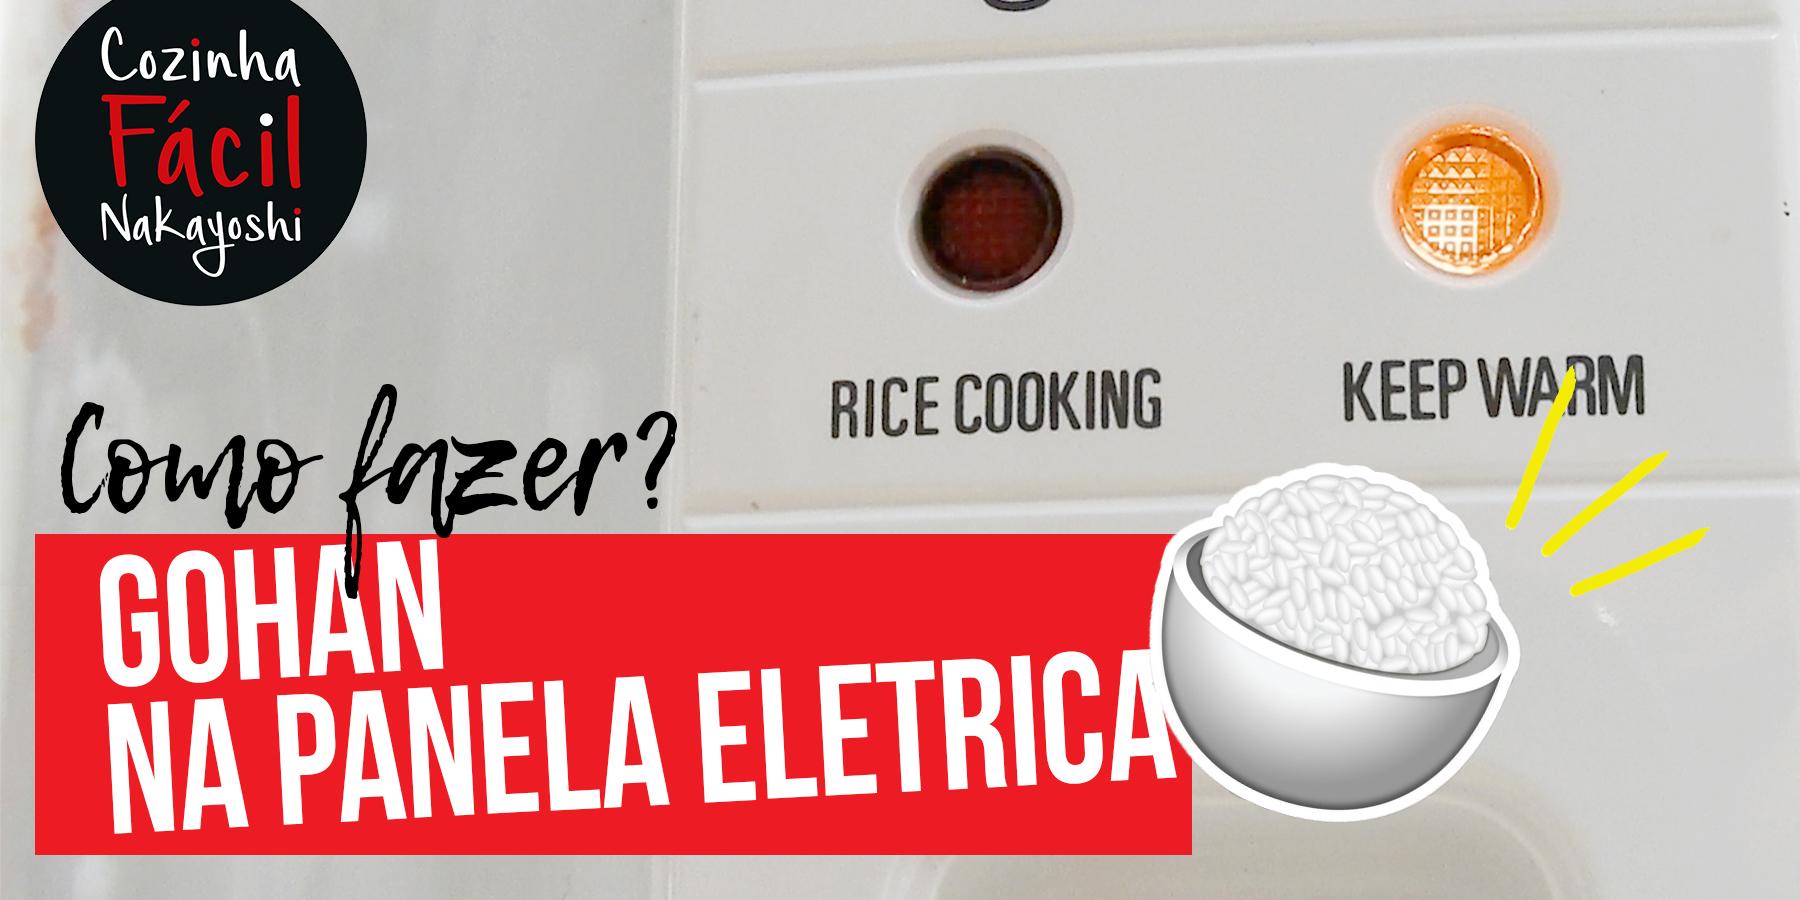 Como fazer gohan na panela elétrica? | Cozinha Fácil Nakayoshi #52